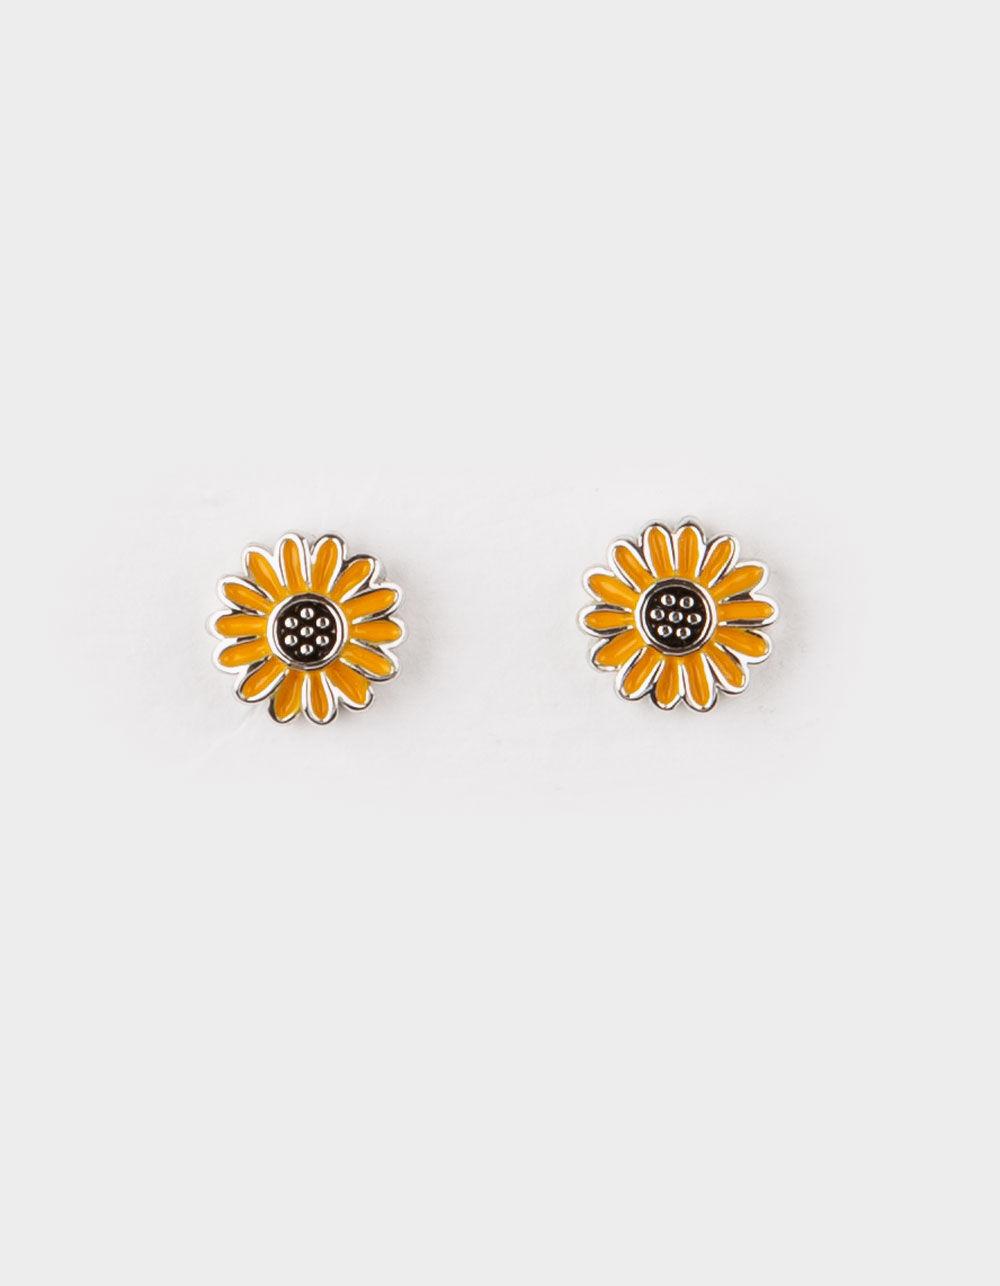 PURA VIDA Sunflower Stud Earrings